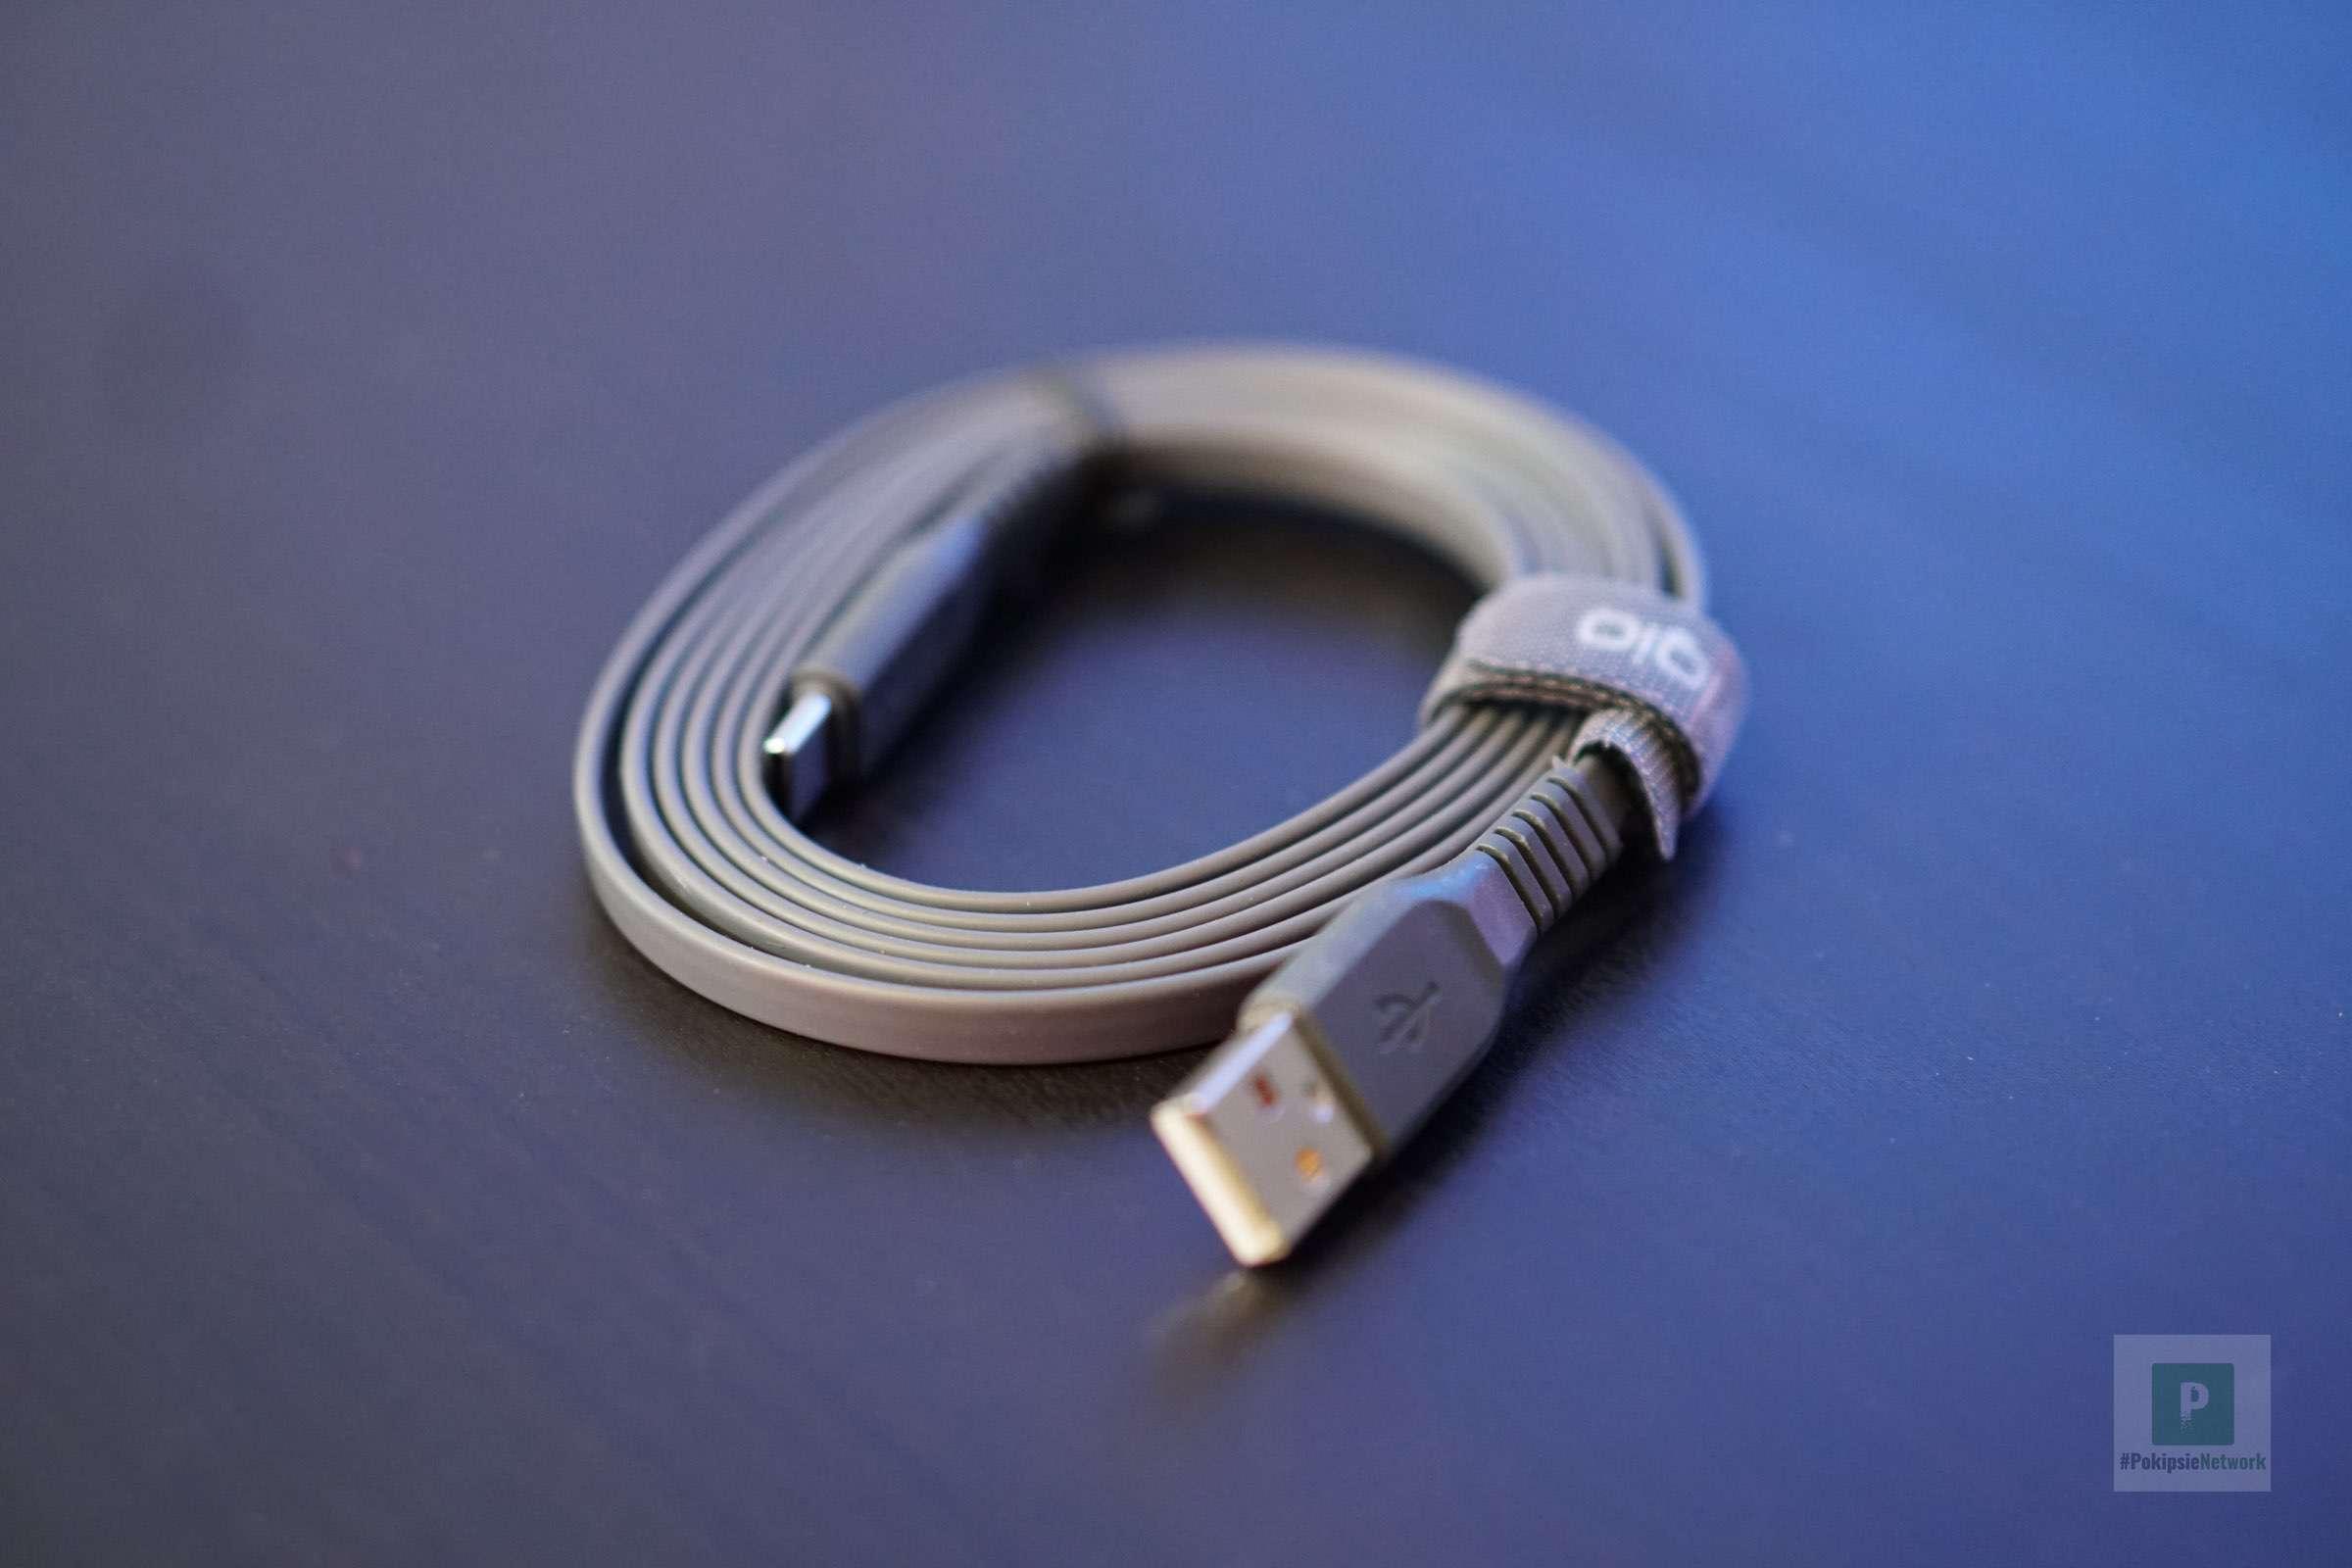 Das lange USB-Kabel